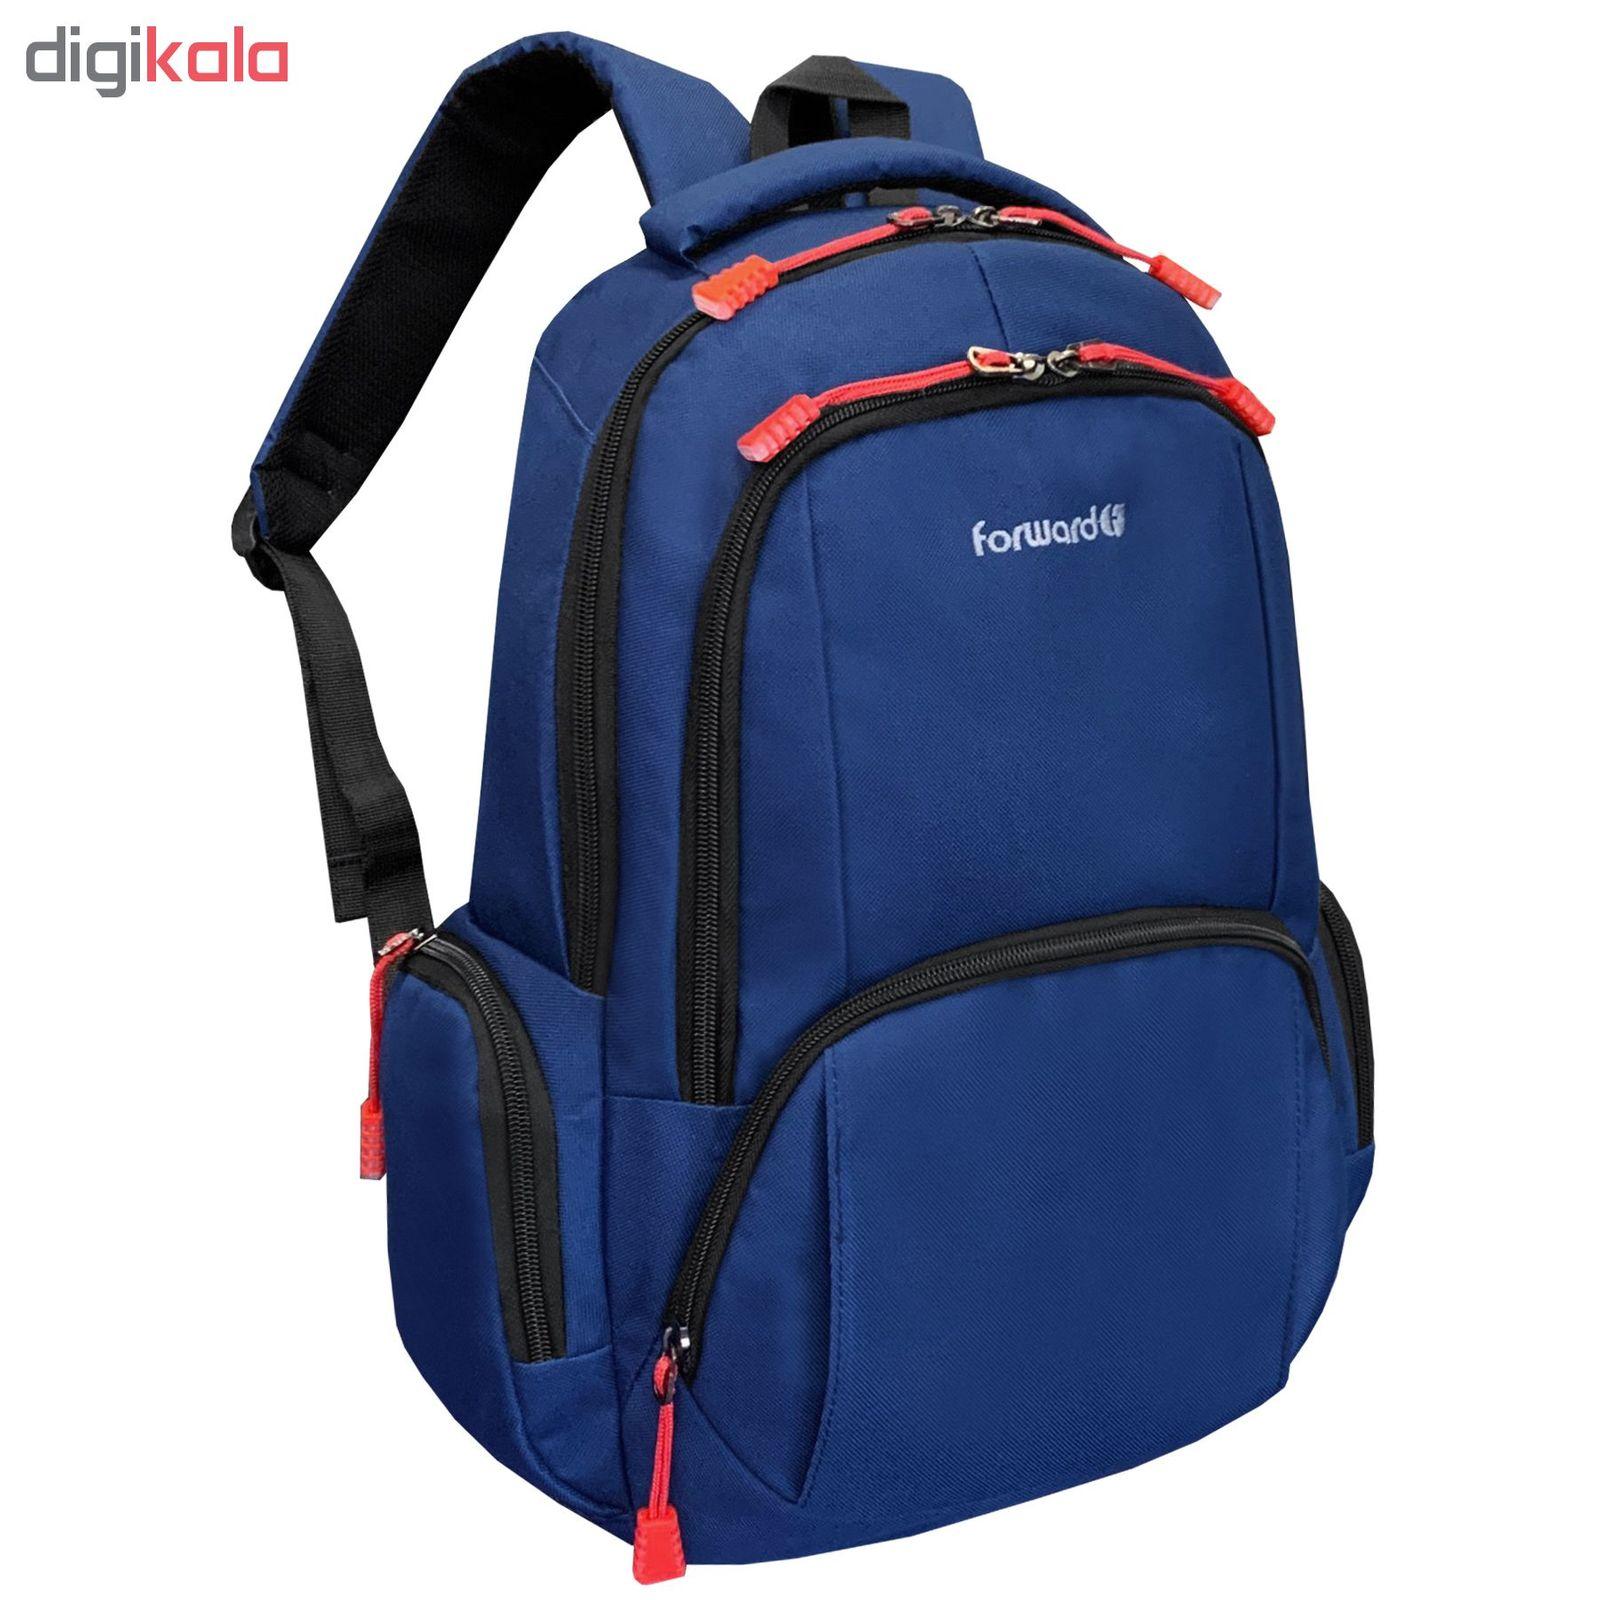 کوله پشتی لپ تاپ فوروارد مدل FCLT9006 مناسب برای لپ تاپ 16.4 اینچی main 1 4